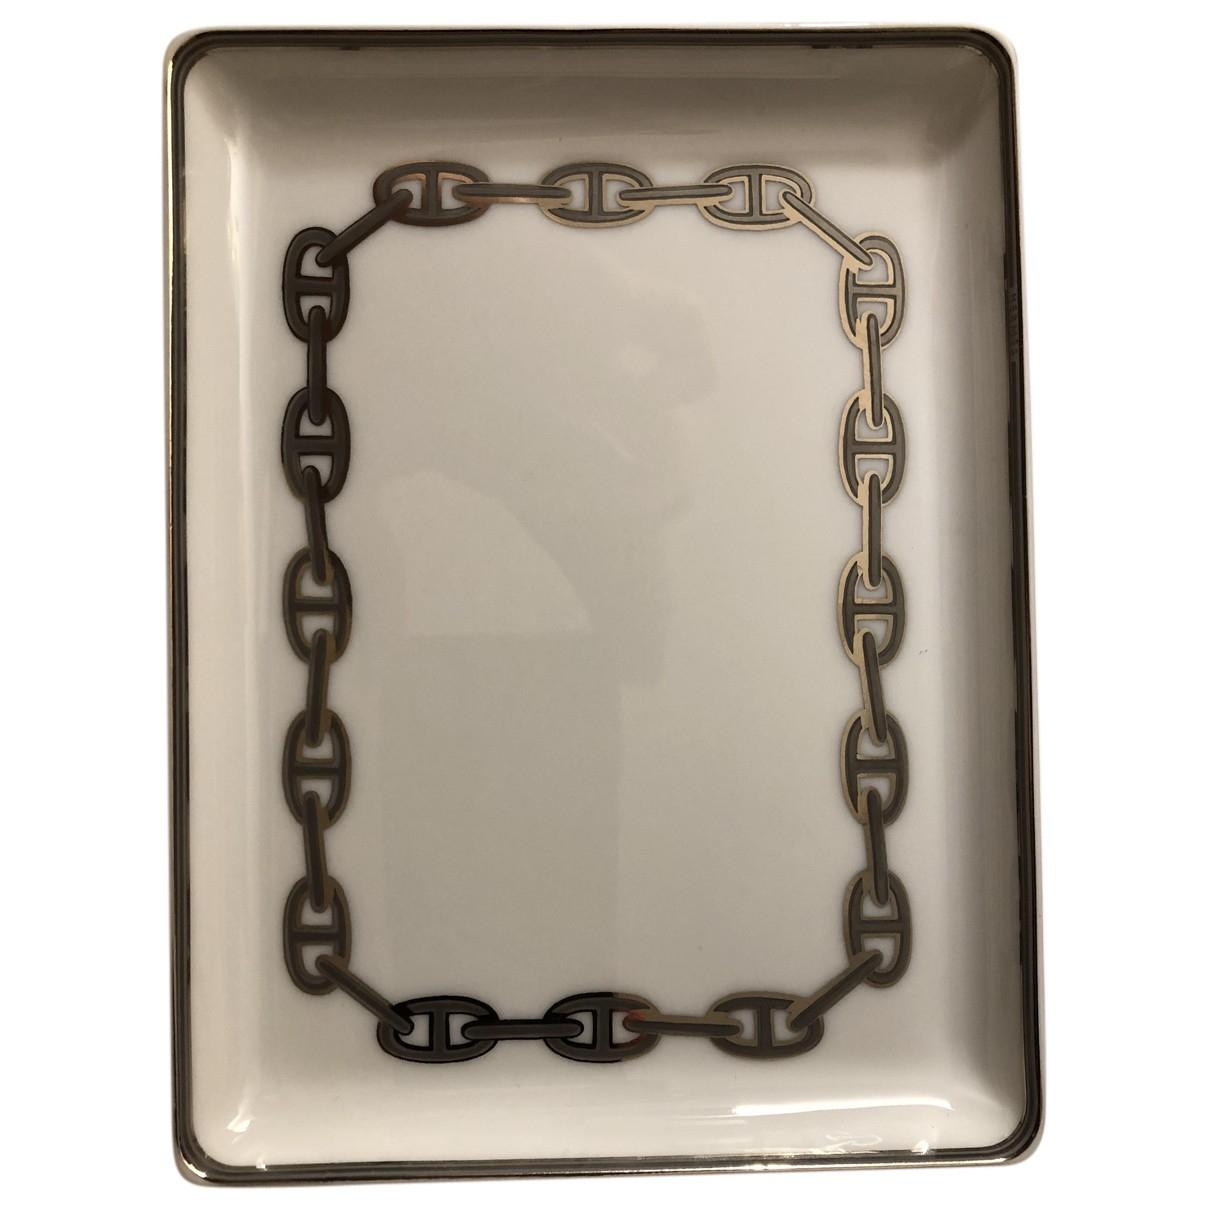 Hermes - Arts de la table Chaine dancre pour lifestyle en porcelaine - anthracite